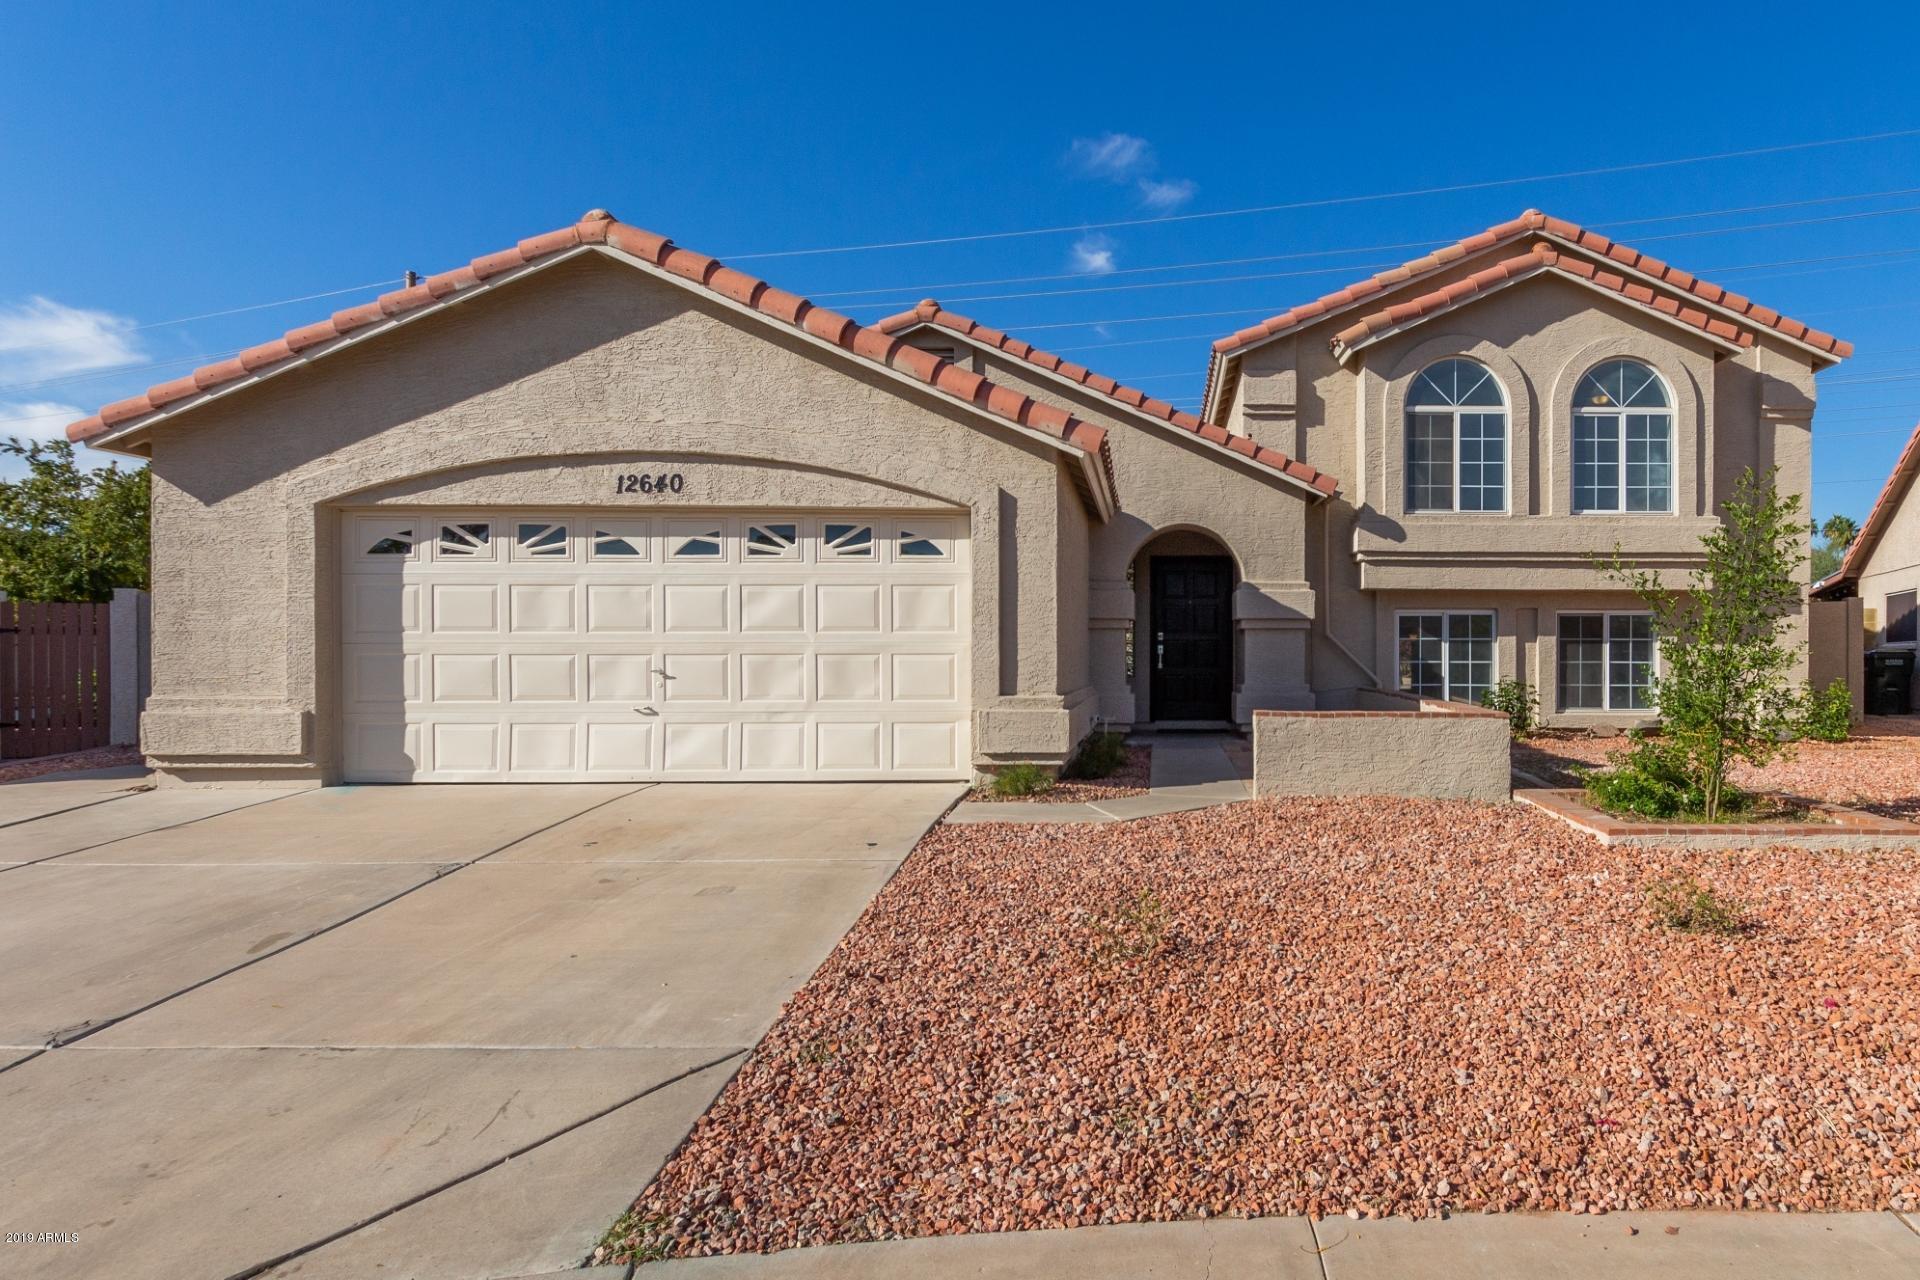 Photo of 12640 S 40TH Place, Phoenix, AZ 85044